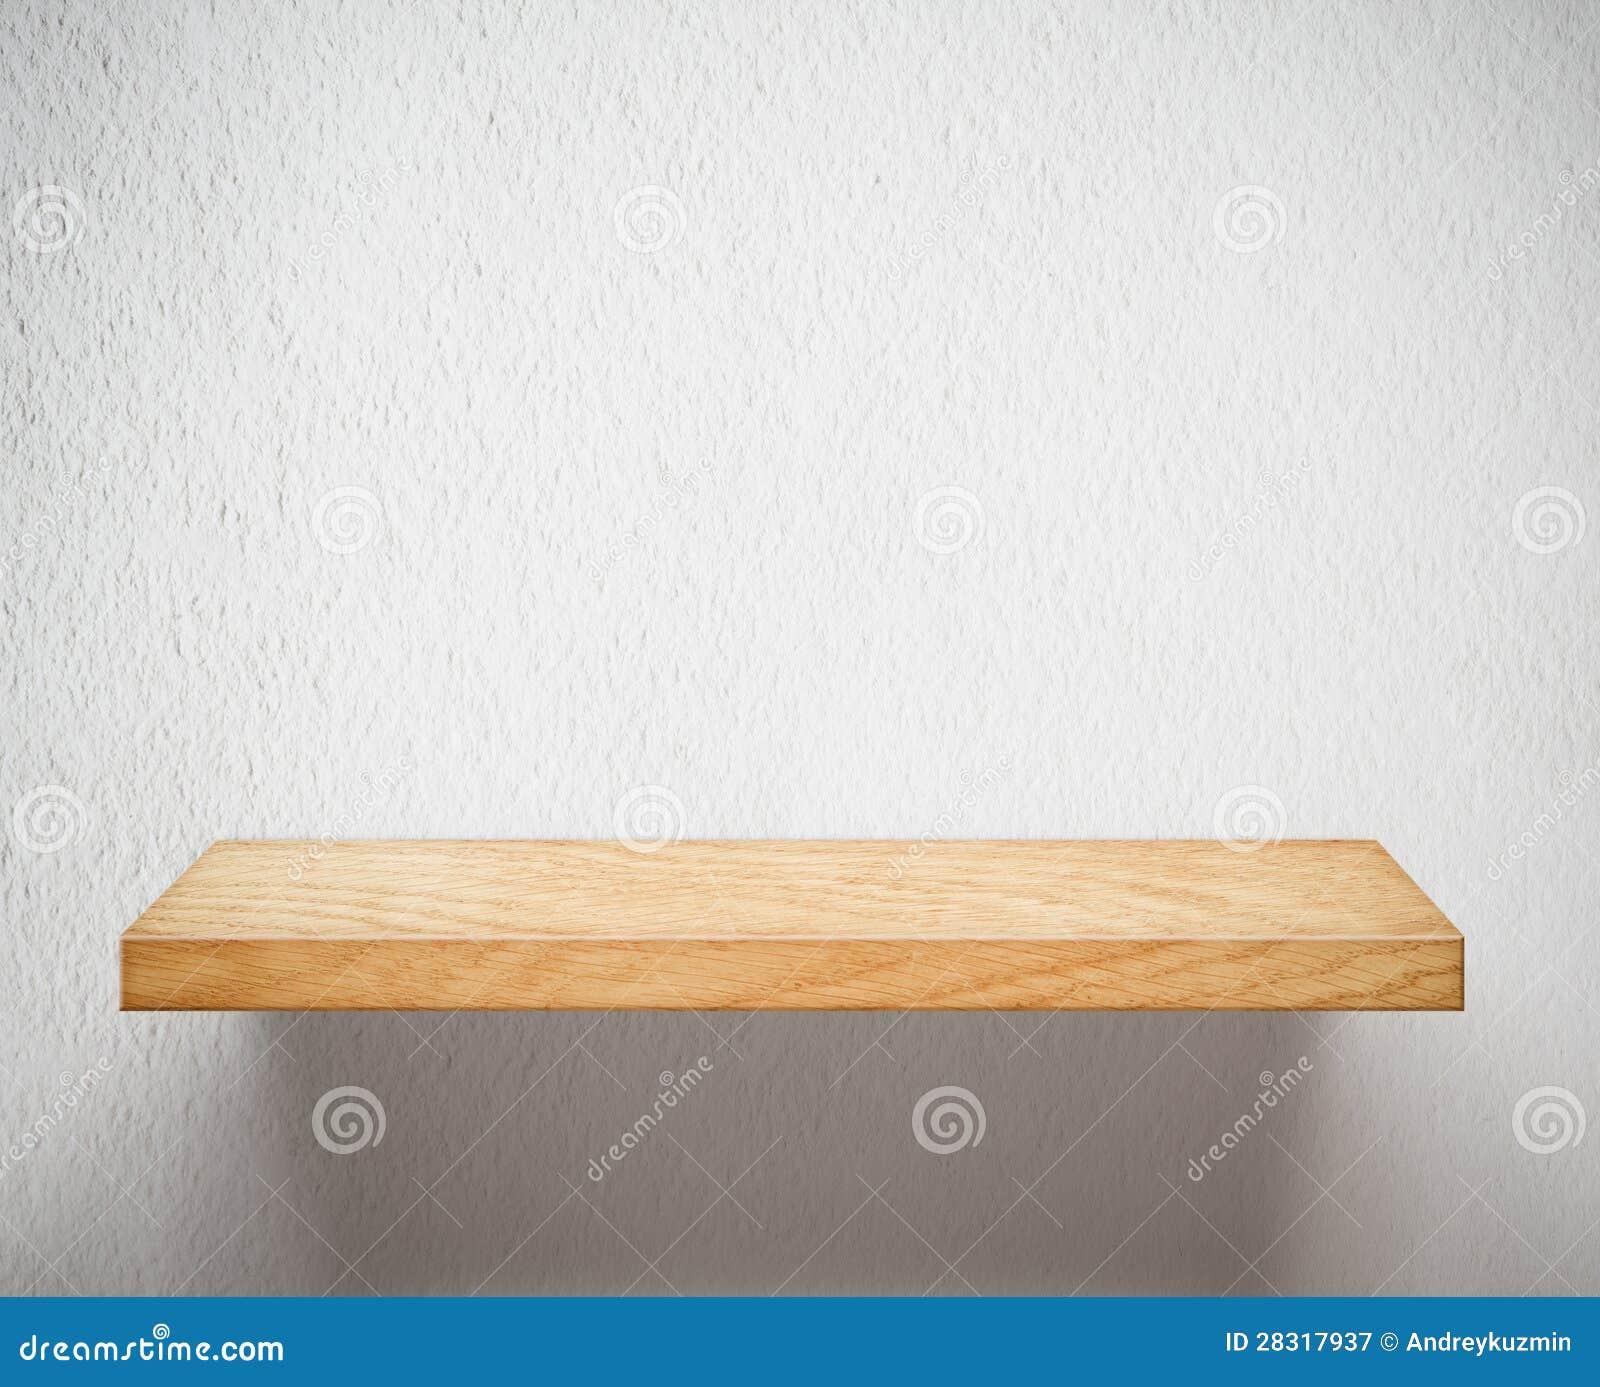 Leeg houten plank of boekenrek op witte muur royalty vrije stock fotografie afbeelding 28317937 - Toilet aan de muur ...